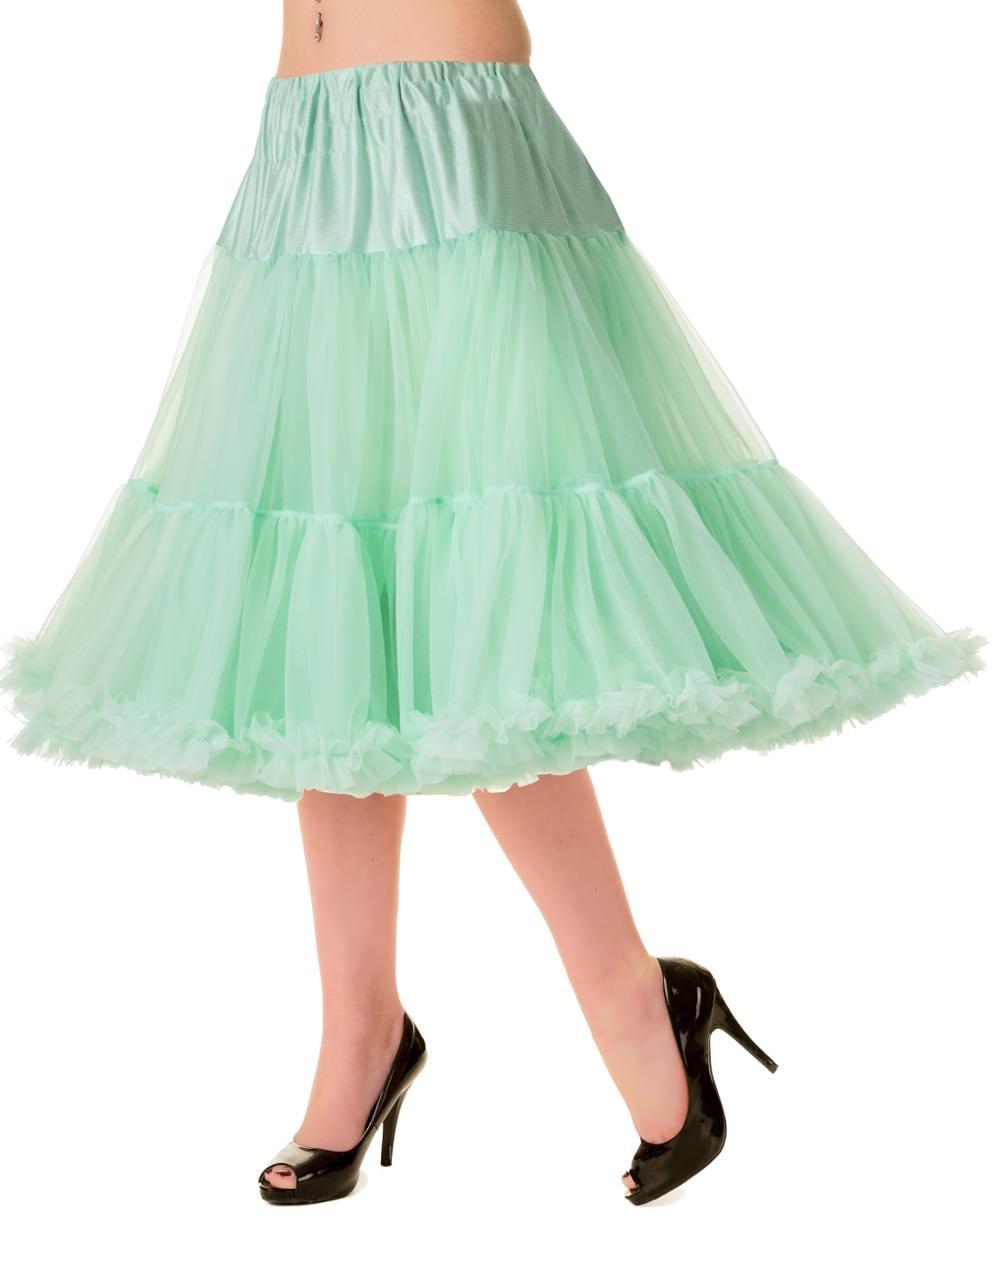 Mint Starlite Petticoat